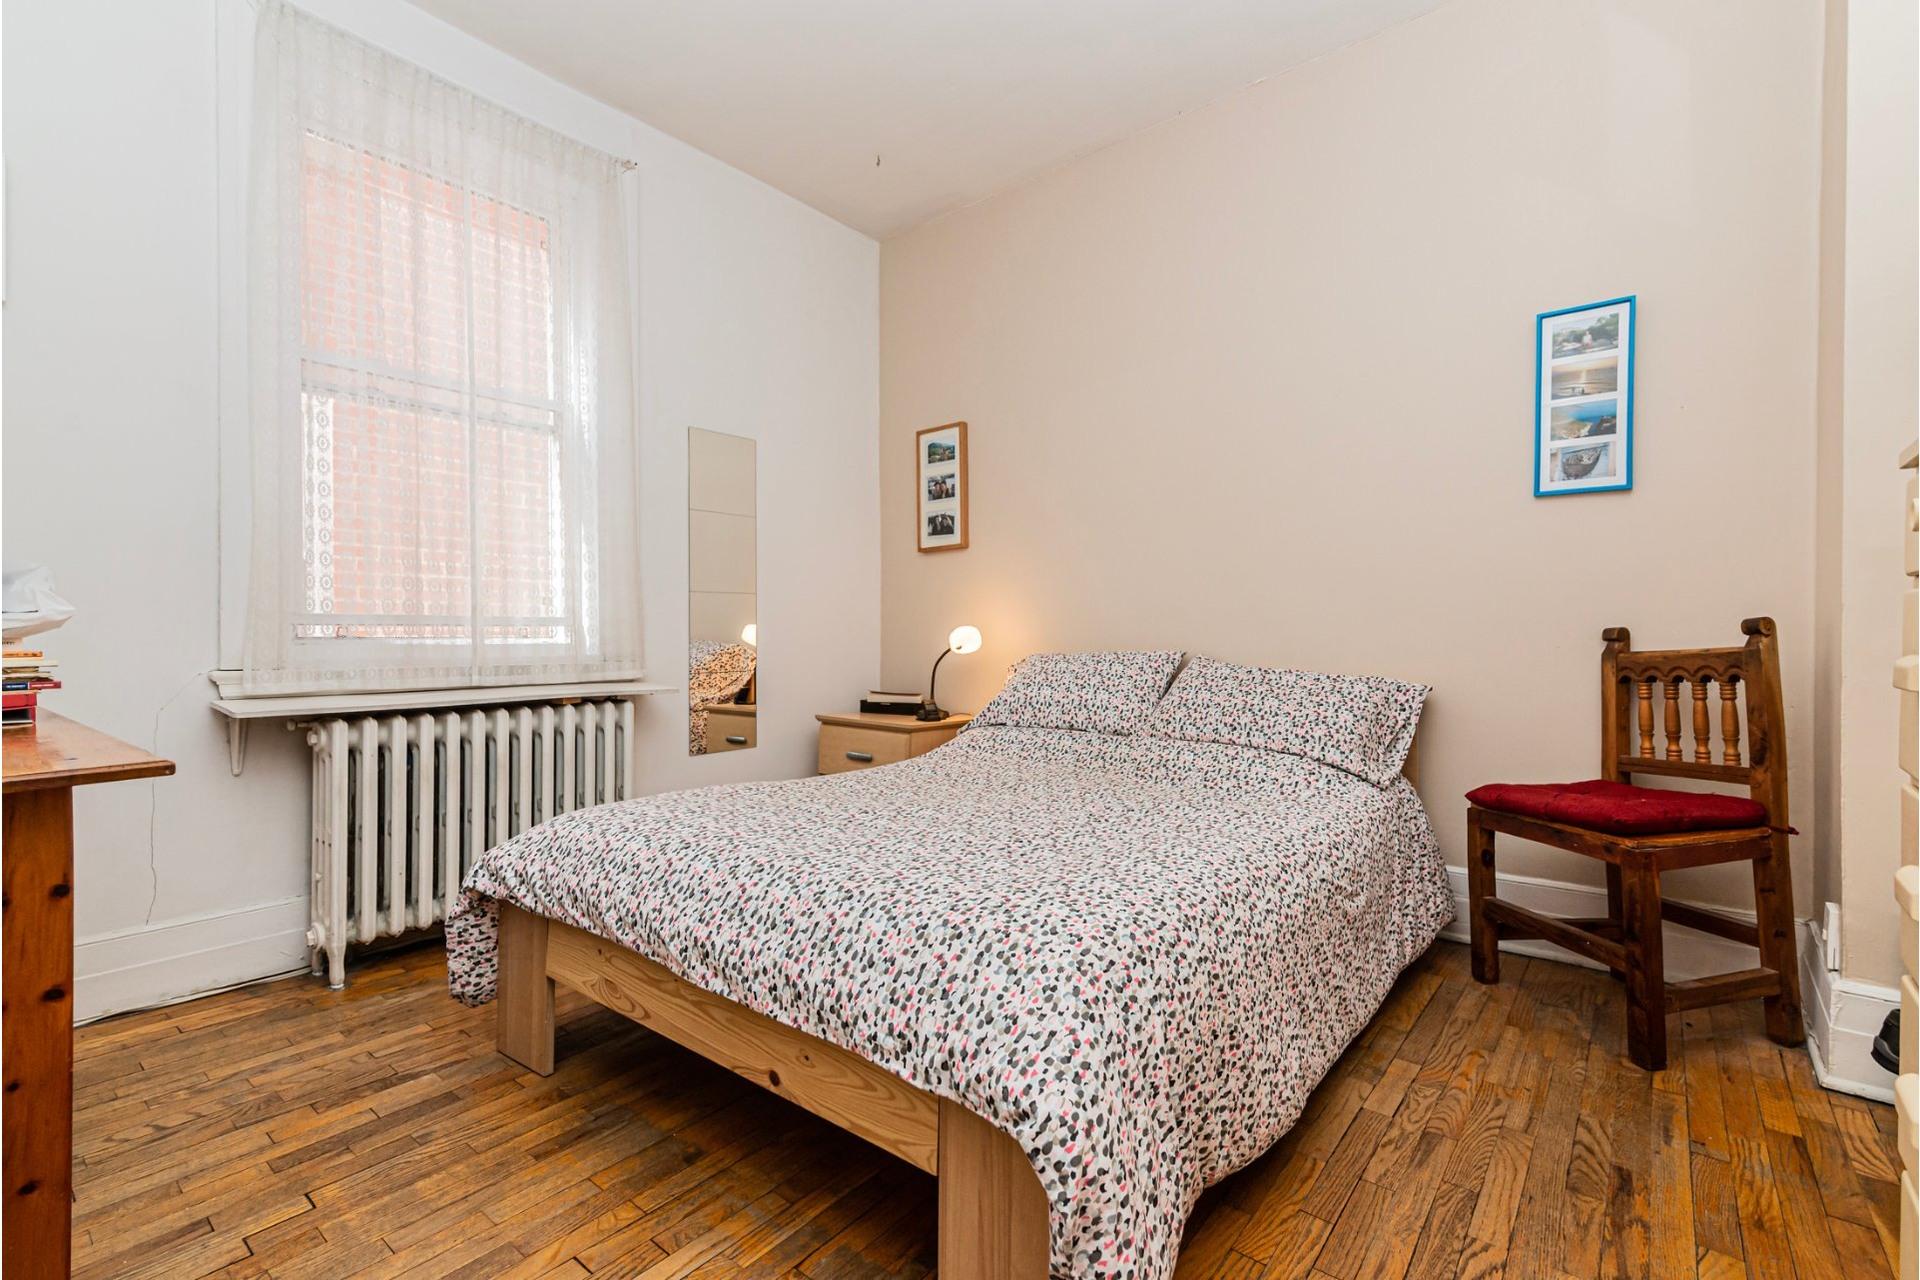 image 23 - Duplex À vendre Côte-des-Neiges/Notre-Dame-de-Grâce Montréal  - 6 pièces